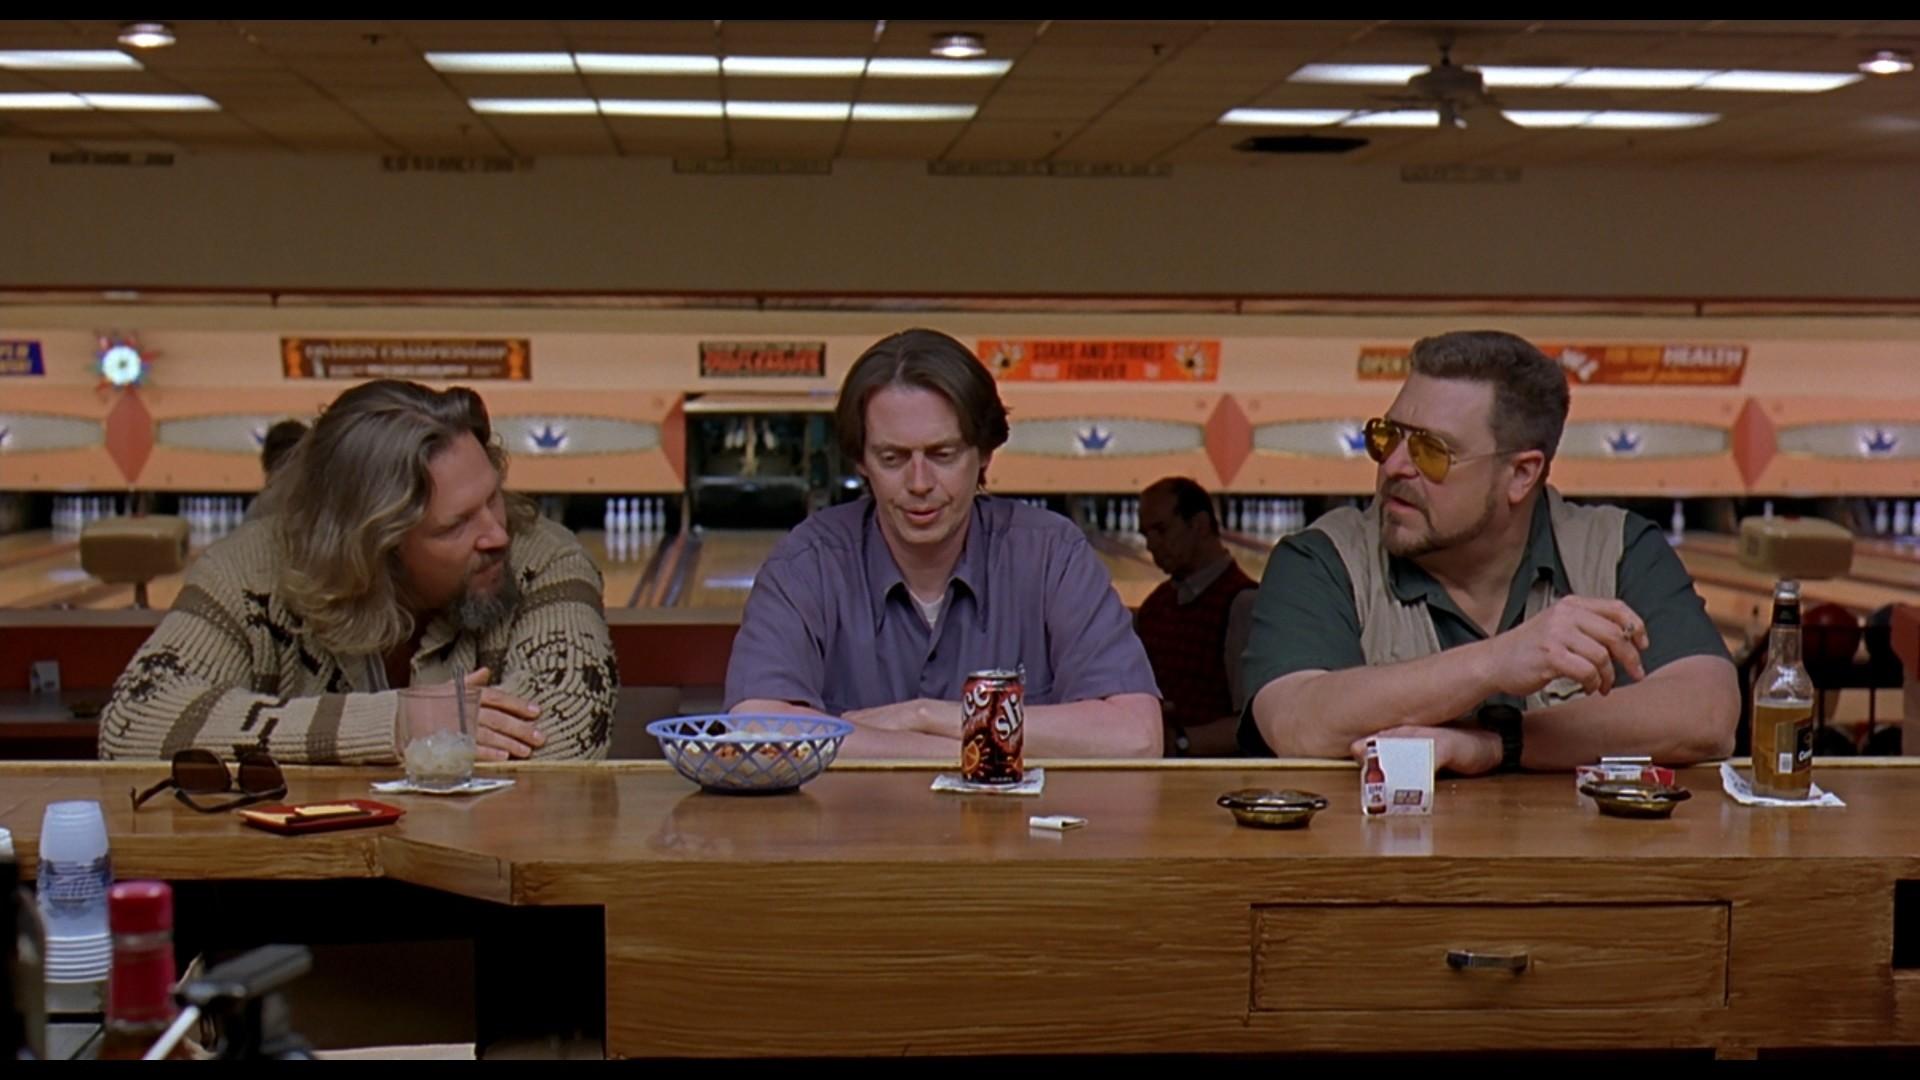 'The Big Lebowski' Sequels Sounds Great to Jeff Bridges   Inverse